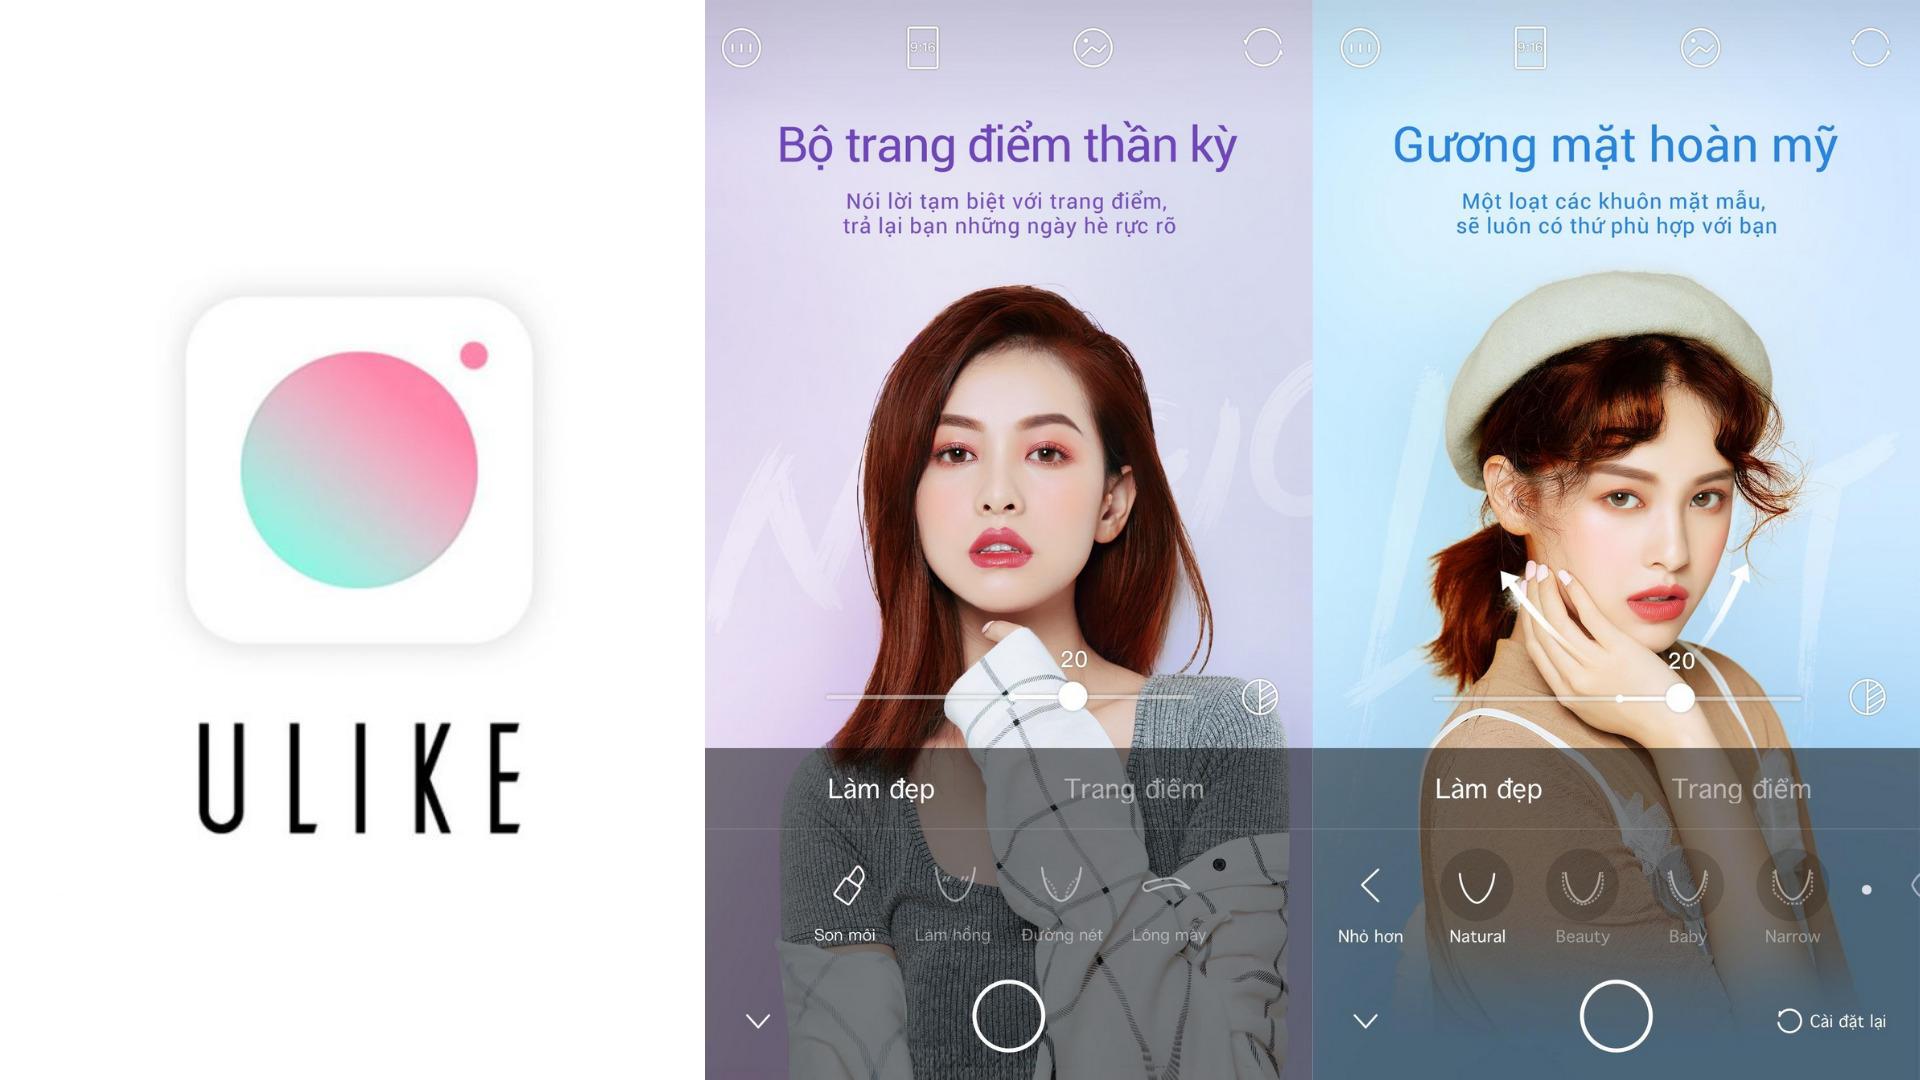 App chụp ảnh đẹp - Ulike